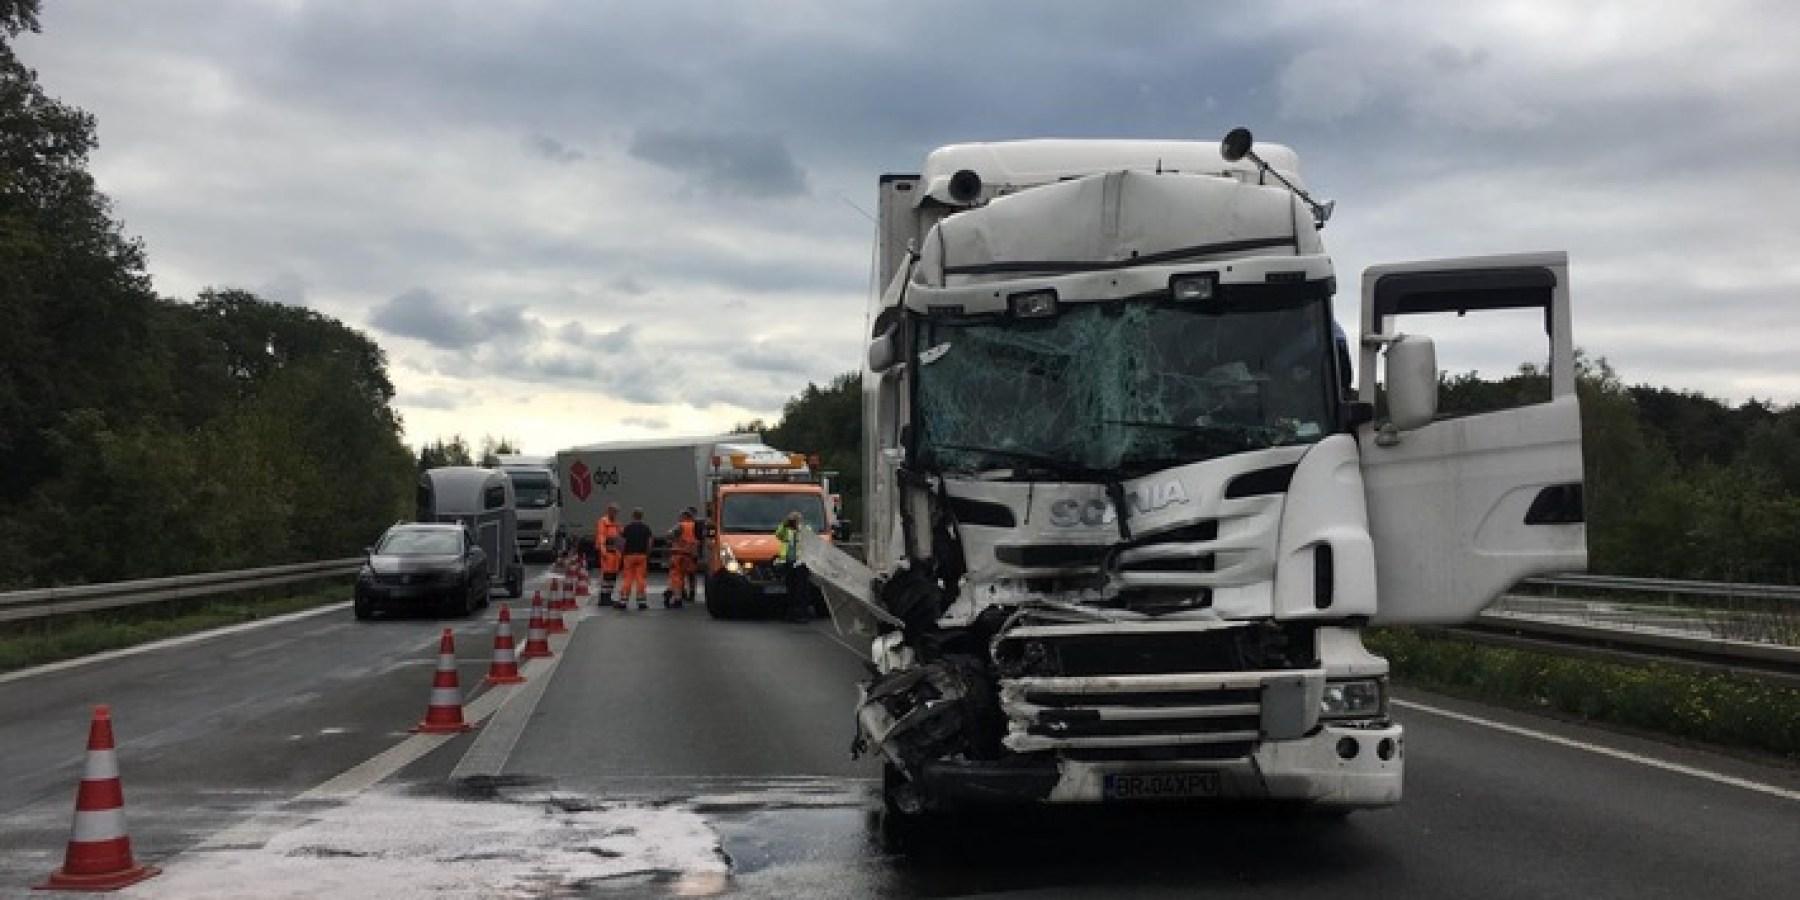 Stauendunfall auf der A30 -Lkw-Fahrer schwer verletzt – 17 Kilometer Stau